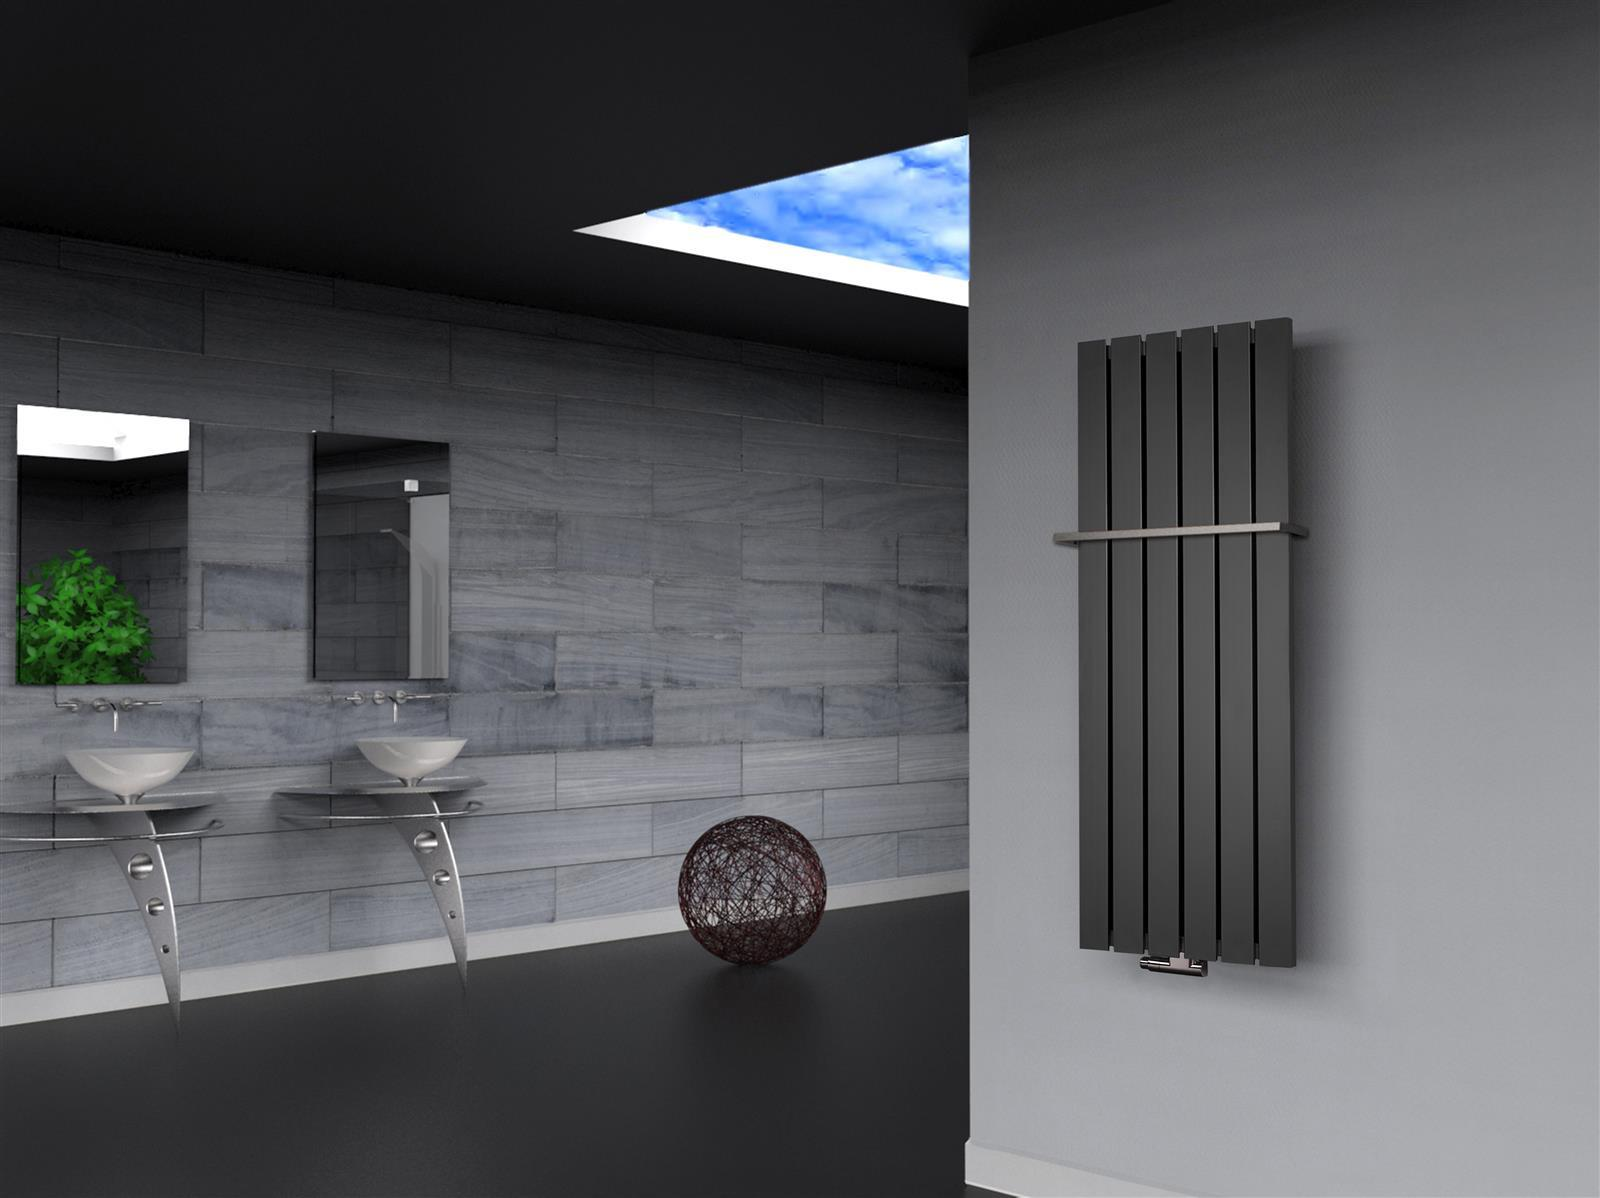 Full Size of Handtuchhalter Heizkörper Badheizkrper Peking 2 Elektroheizkörper Bad Wohnzimmer Badezimmer Küche Für Wohnzimmer Handtuchhalter Heizkörper